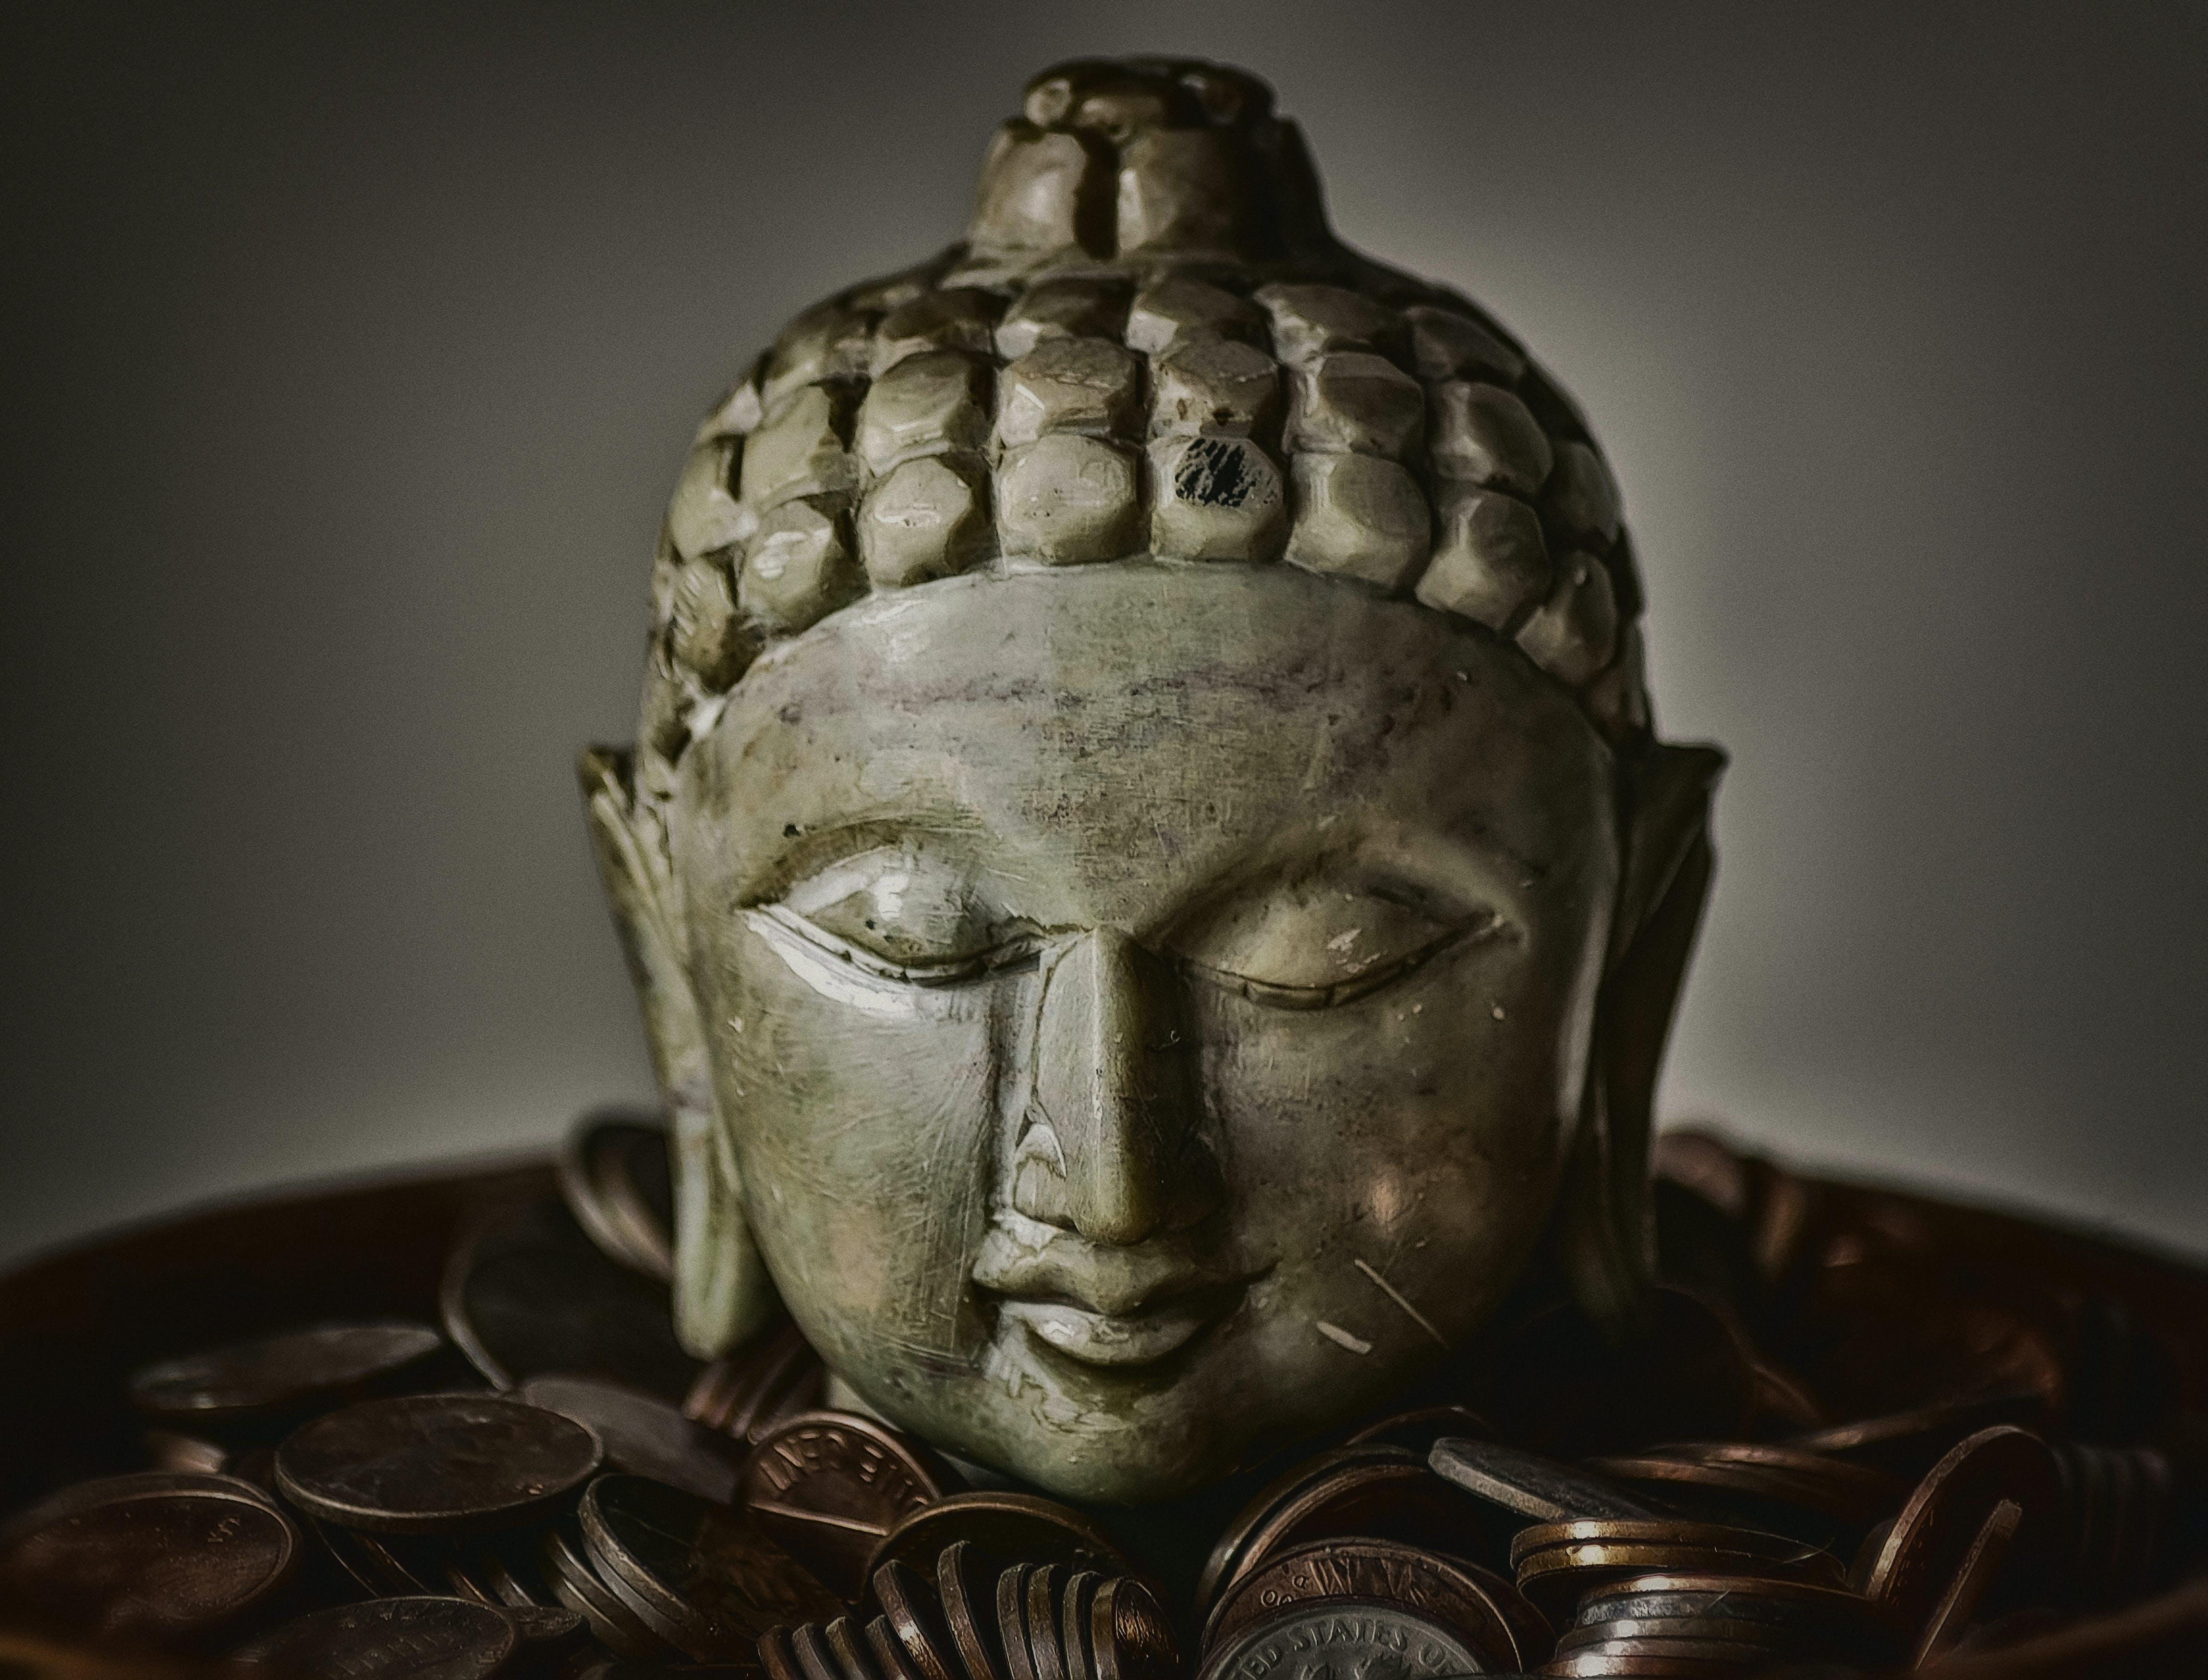 Gratis arkivbilde med buddha, Buddhisme, innendørs, religiøs